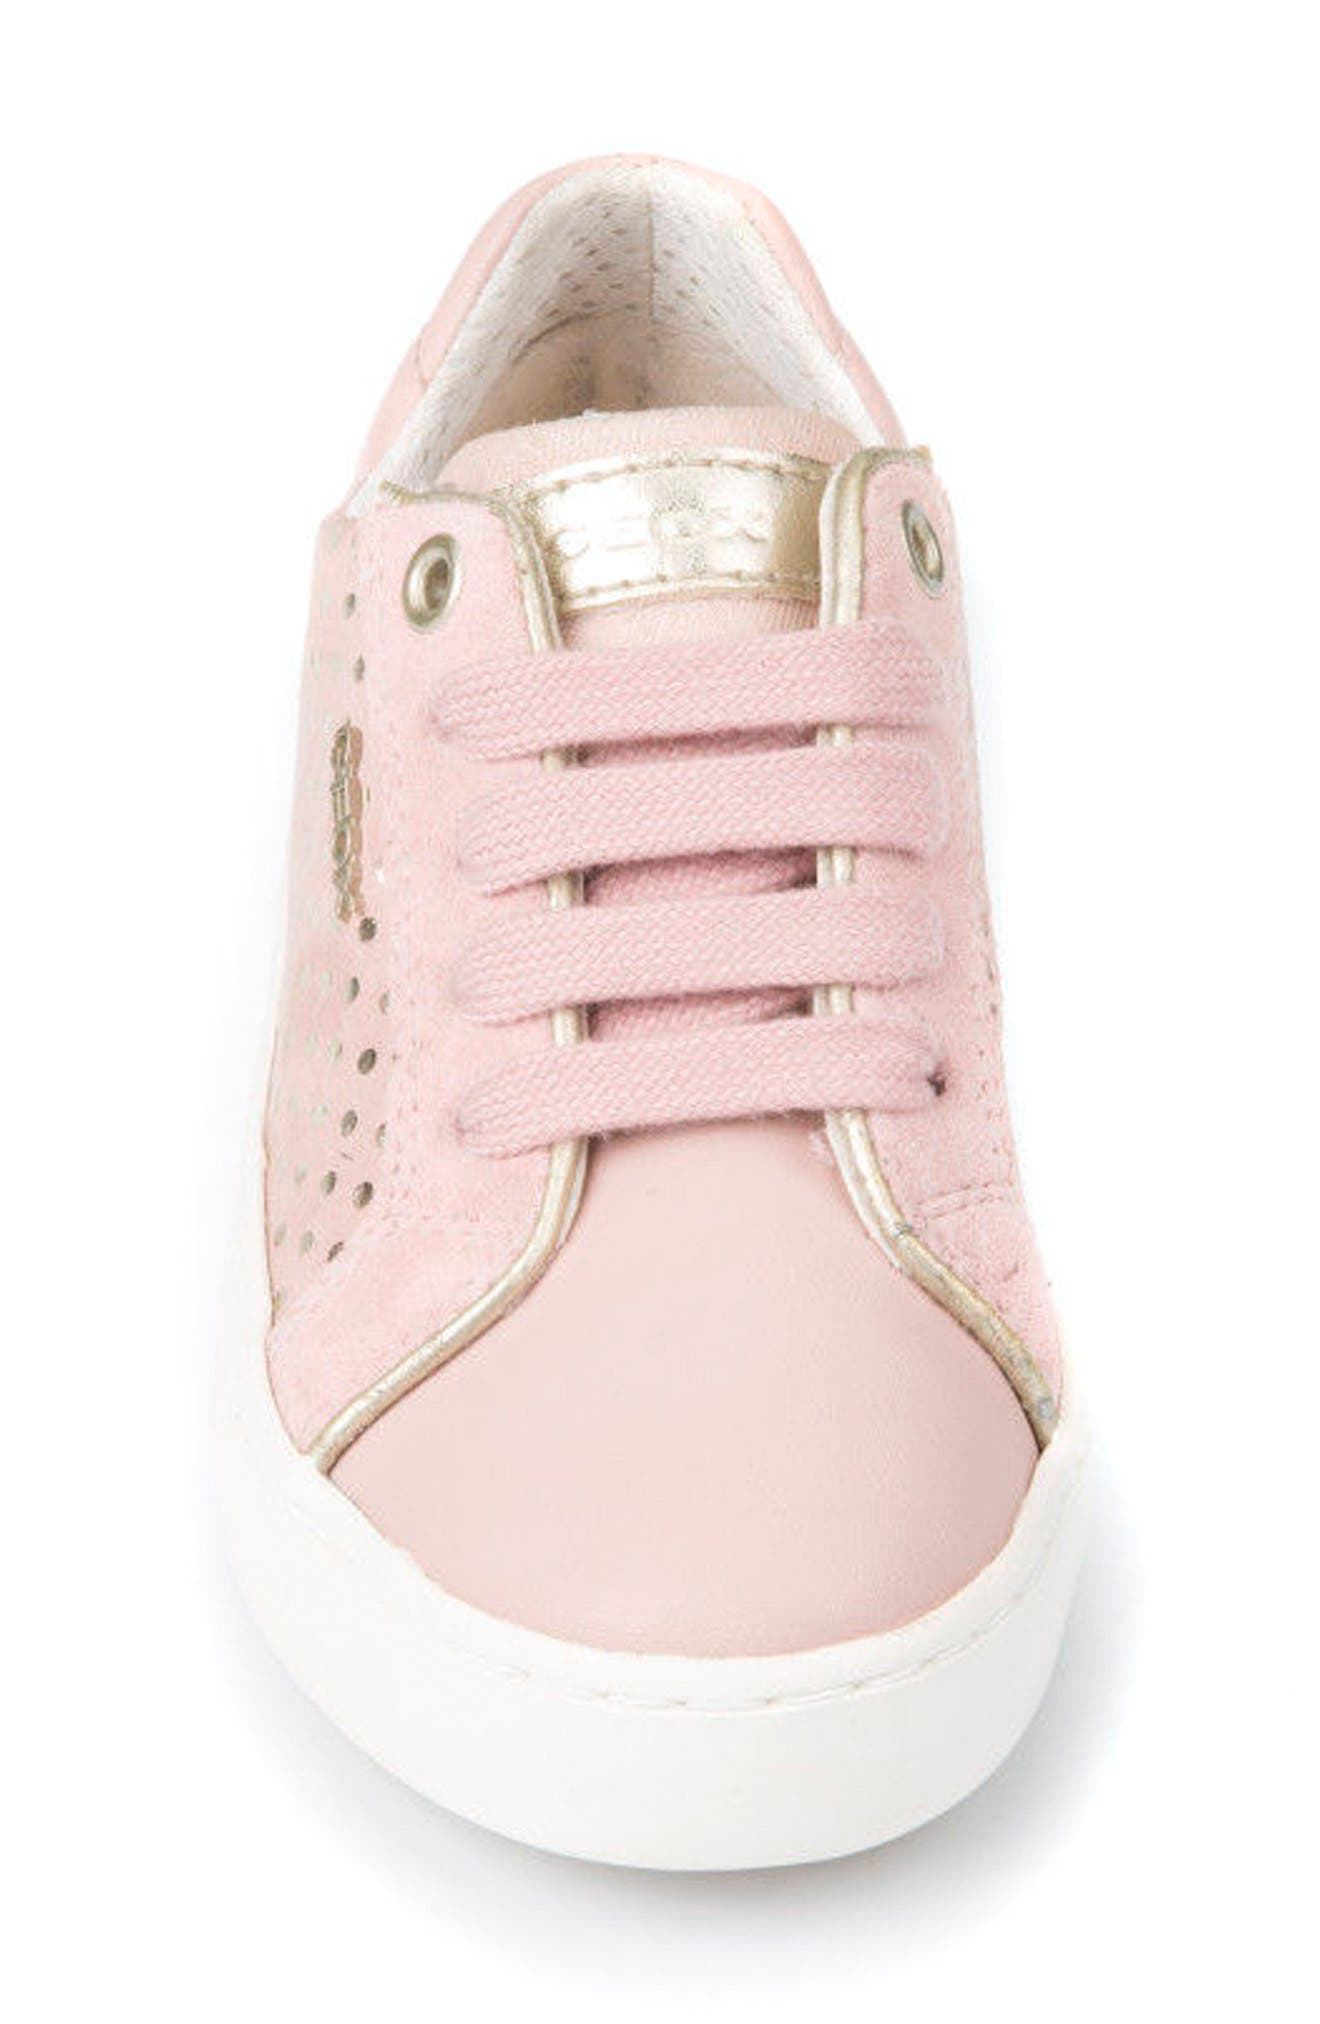 Kilwi Low Top Sneaker,                             Alternate thumbnail 4, color,                             Rose